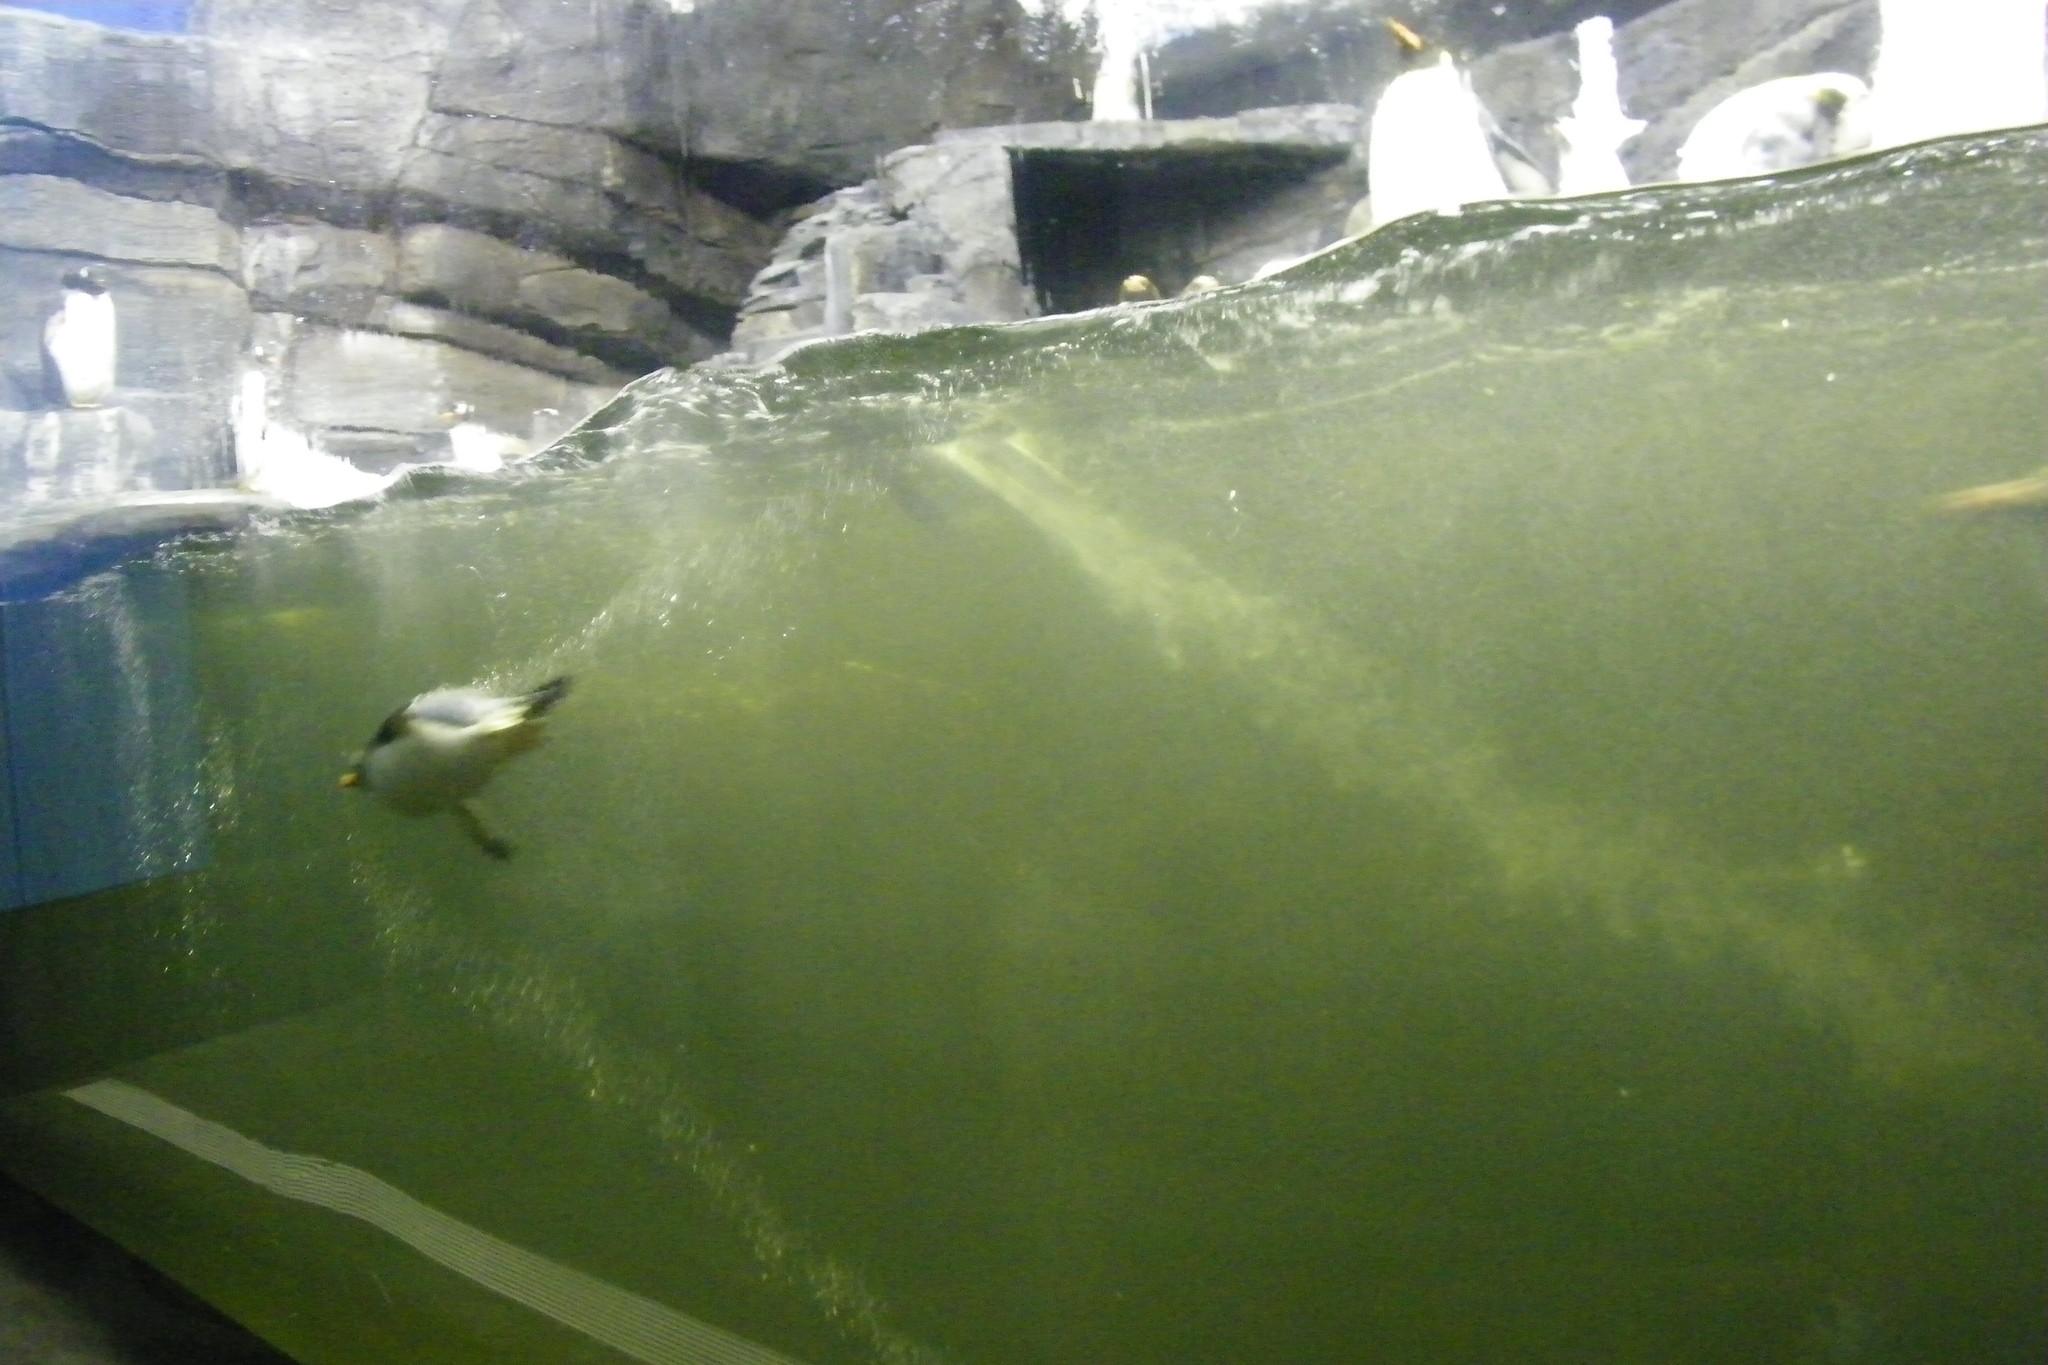 Visit To The Newport Aquarium Newport Kentucky Flickr